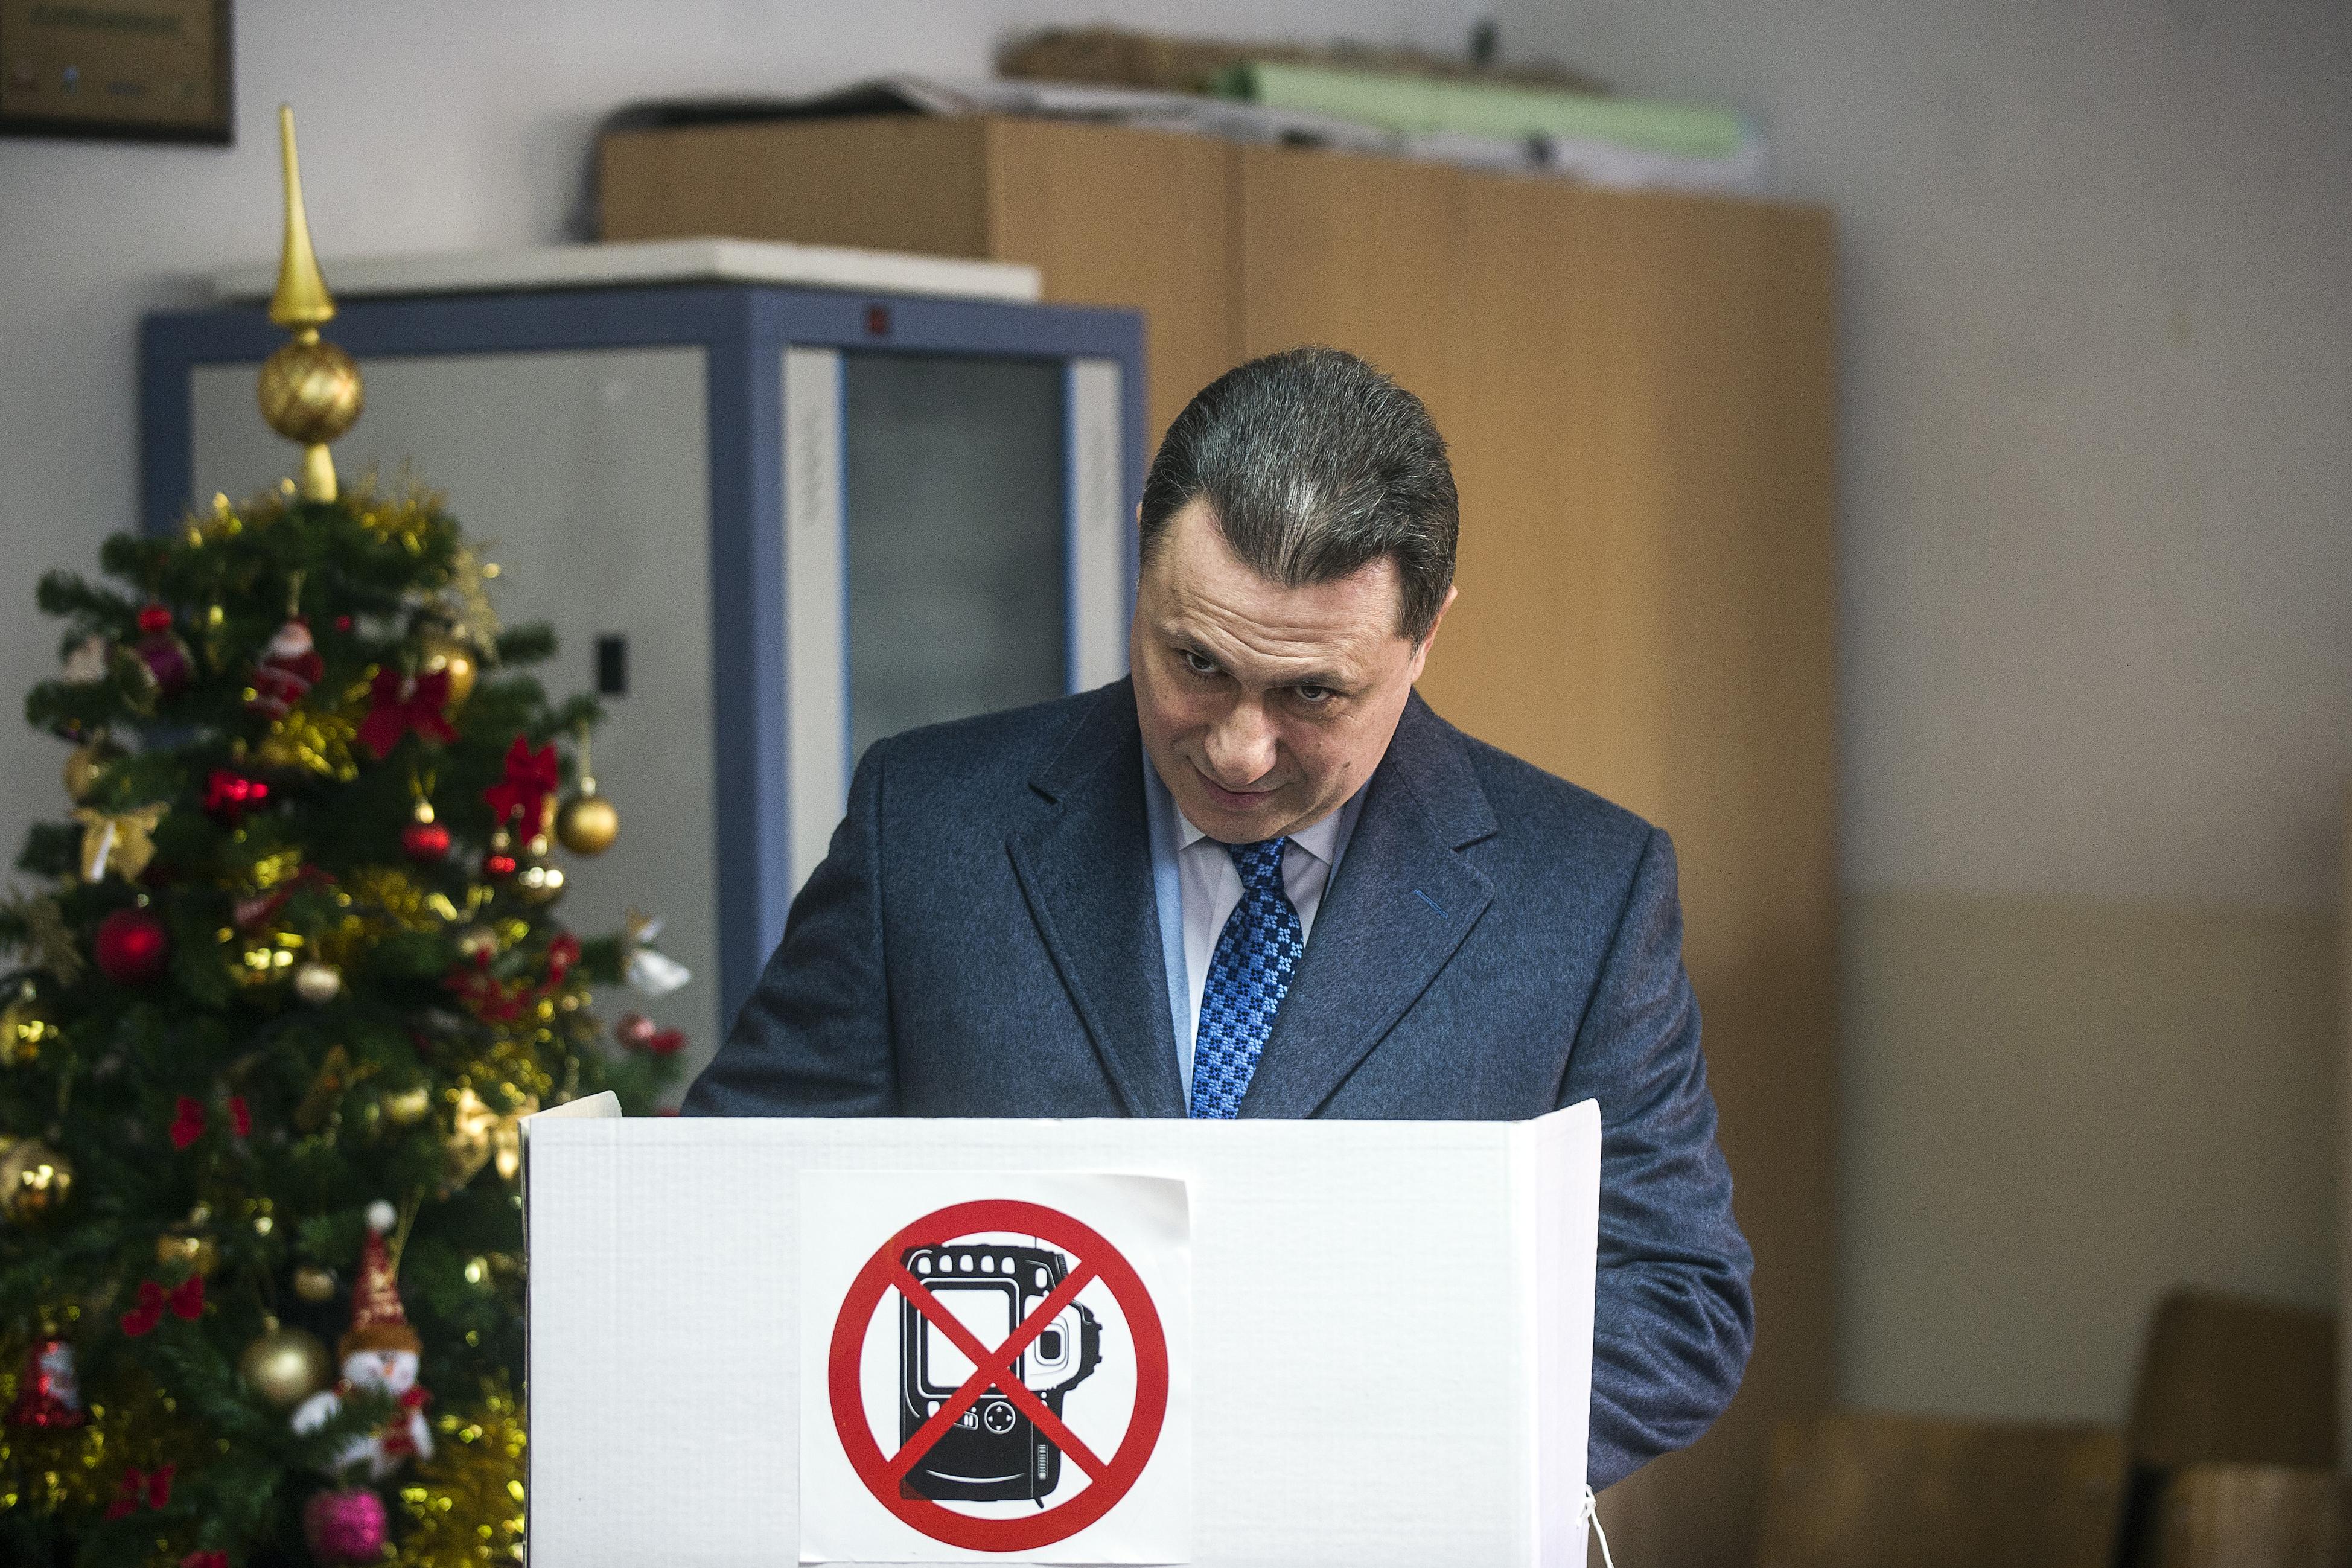 Ritka összhang: Egy oldalon volt a védelem és az ügyészség Gruevszki tárgyalásán, senki sem szerette volna, ha kiadják a volt miniszterelnököt hazájának